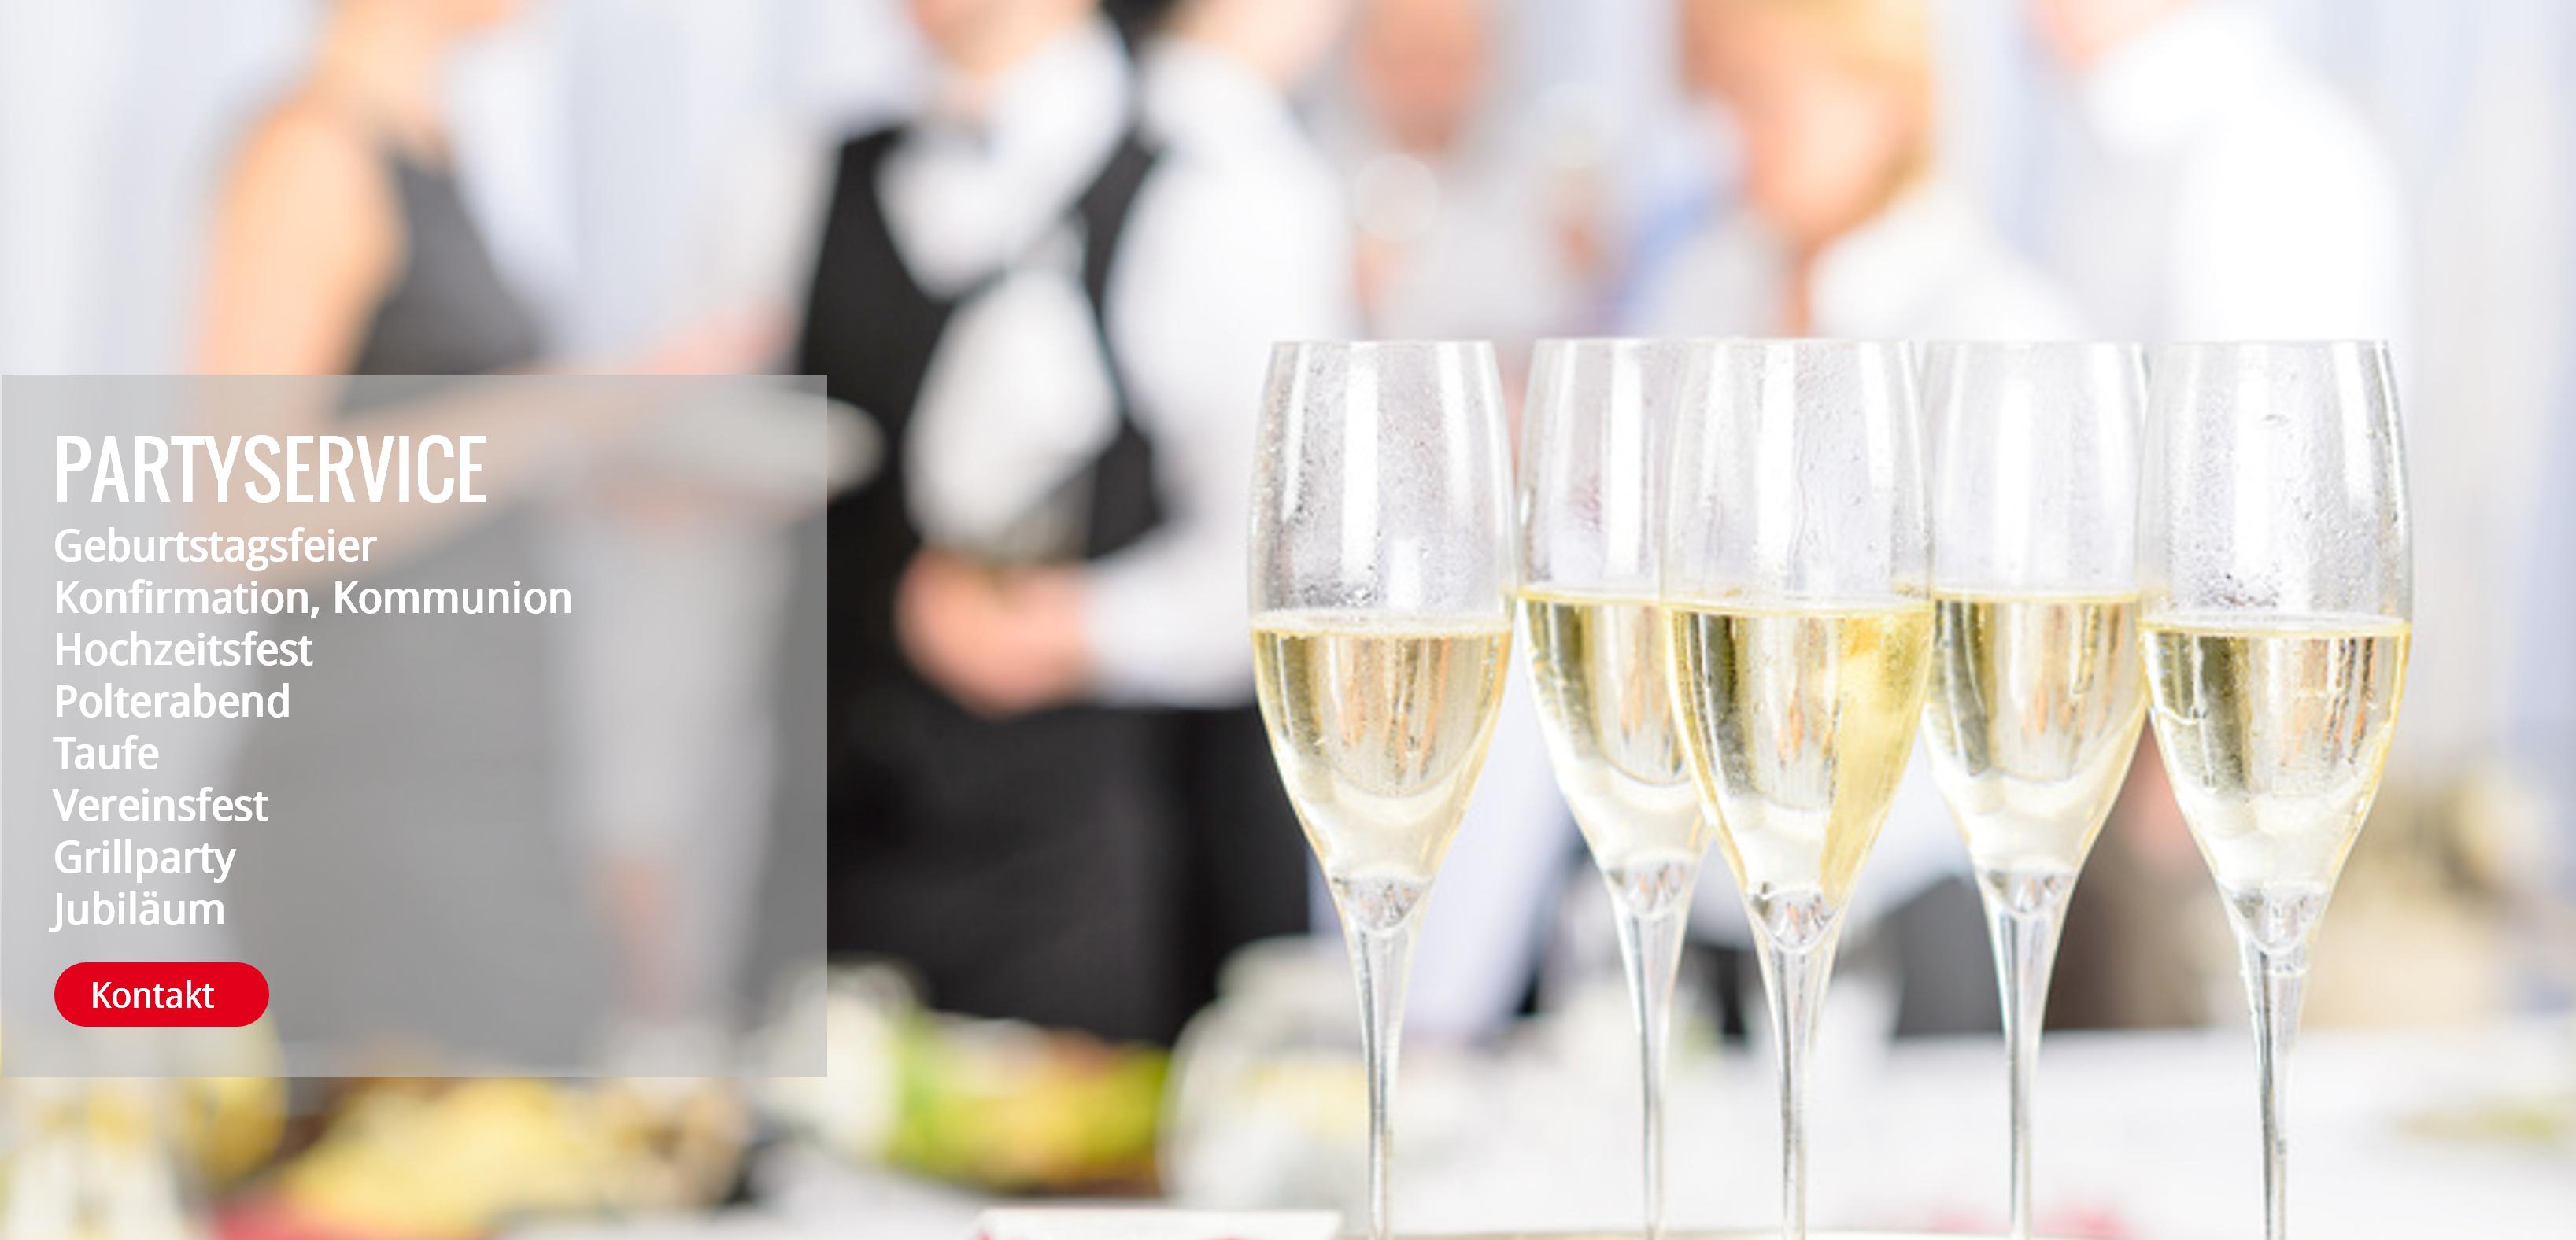 Mornhinweg Partyservice für Private Events